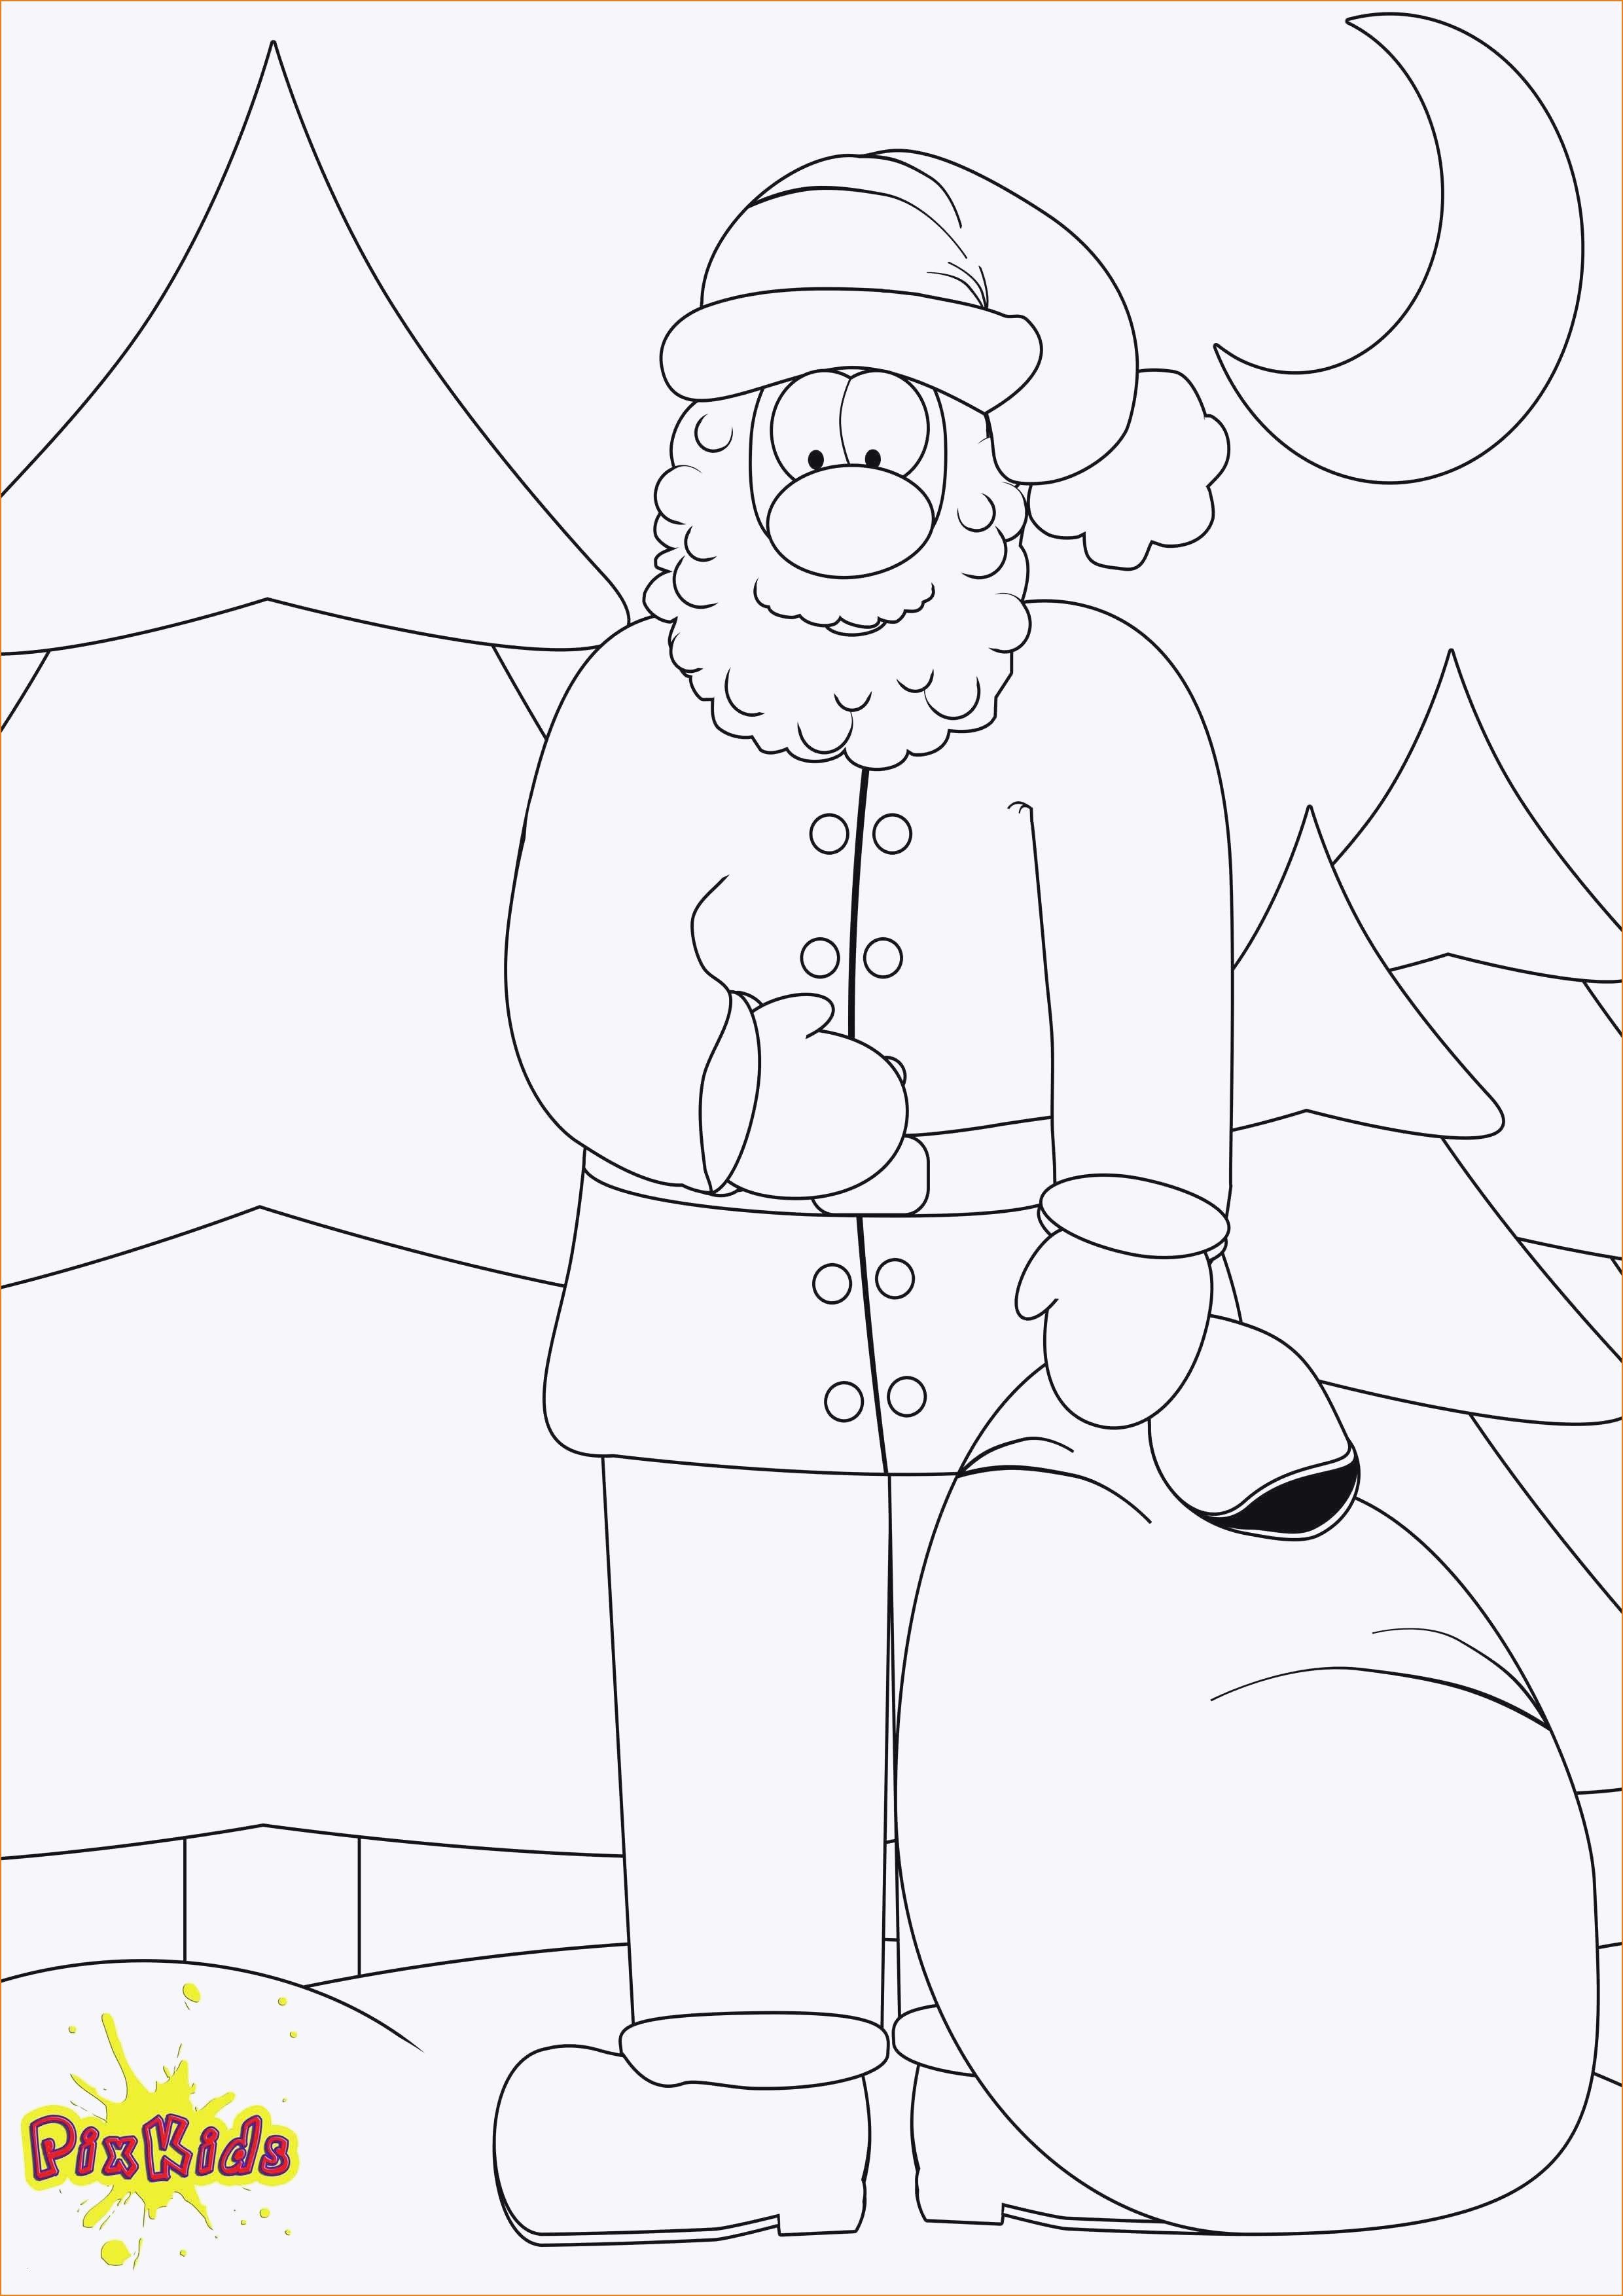 Ausmalbilder Weihnachten Engel Neu Engel Ausmalbilder Weihnachten Uploadertalk Schön Weihnachten Das Bild